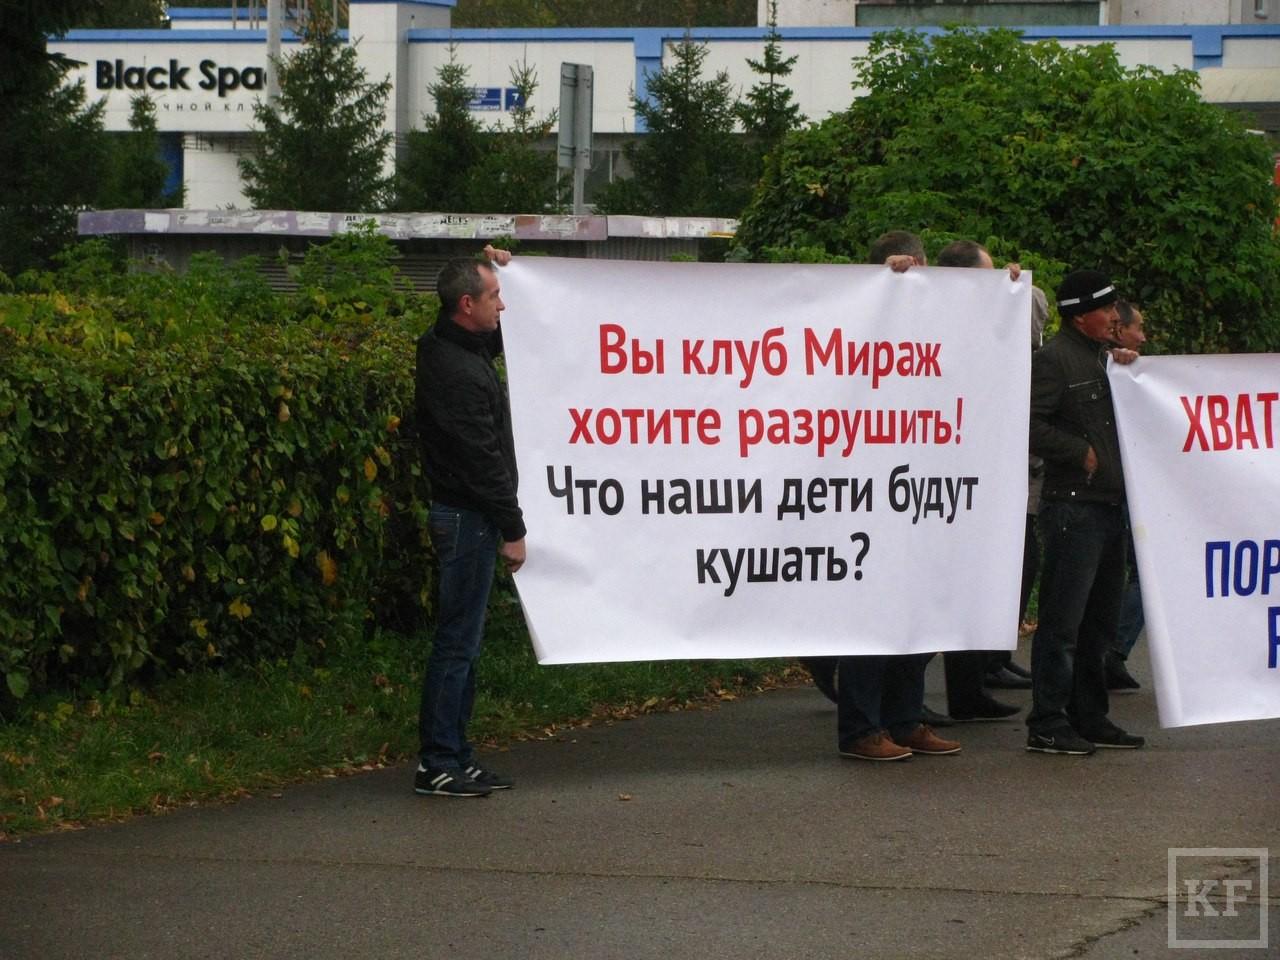 Почему известный бизнесмен из Челнов Дамир Бибишев был задержан по подозрению в вымогательстве. Все, что мы знаем об этом